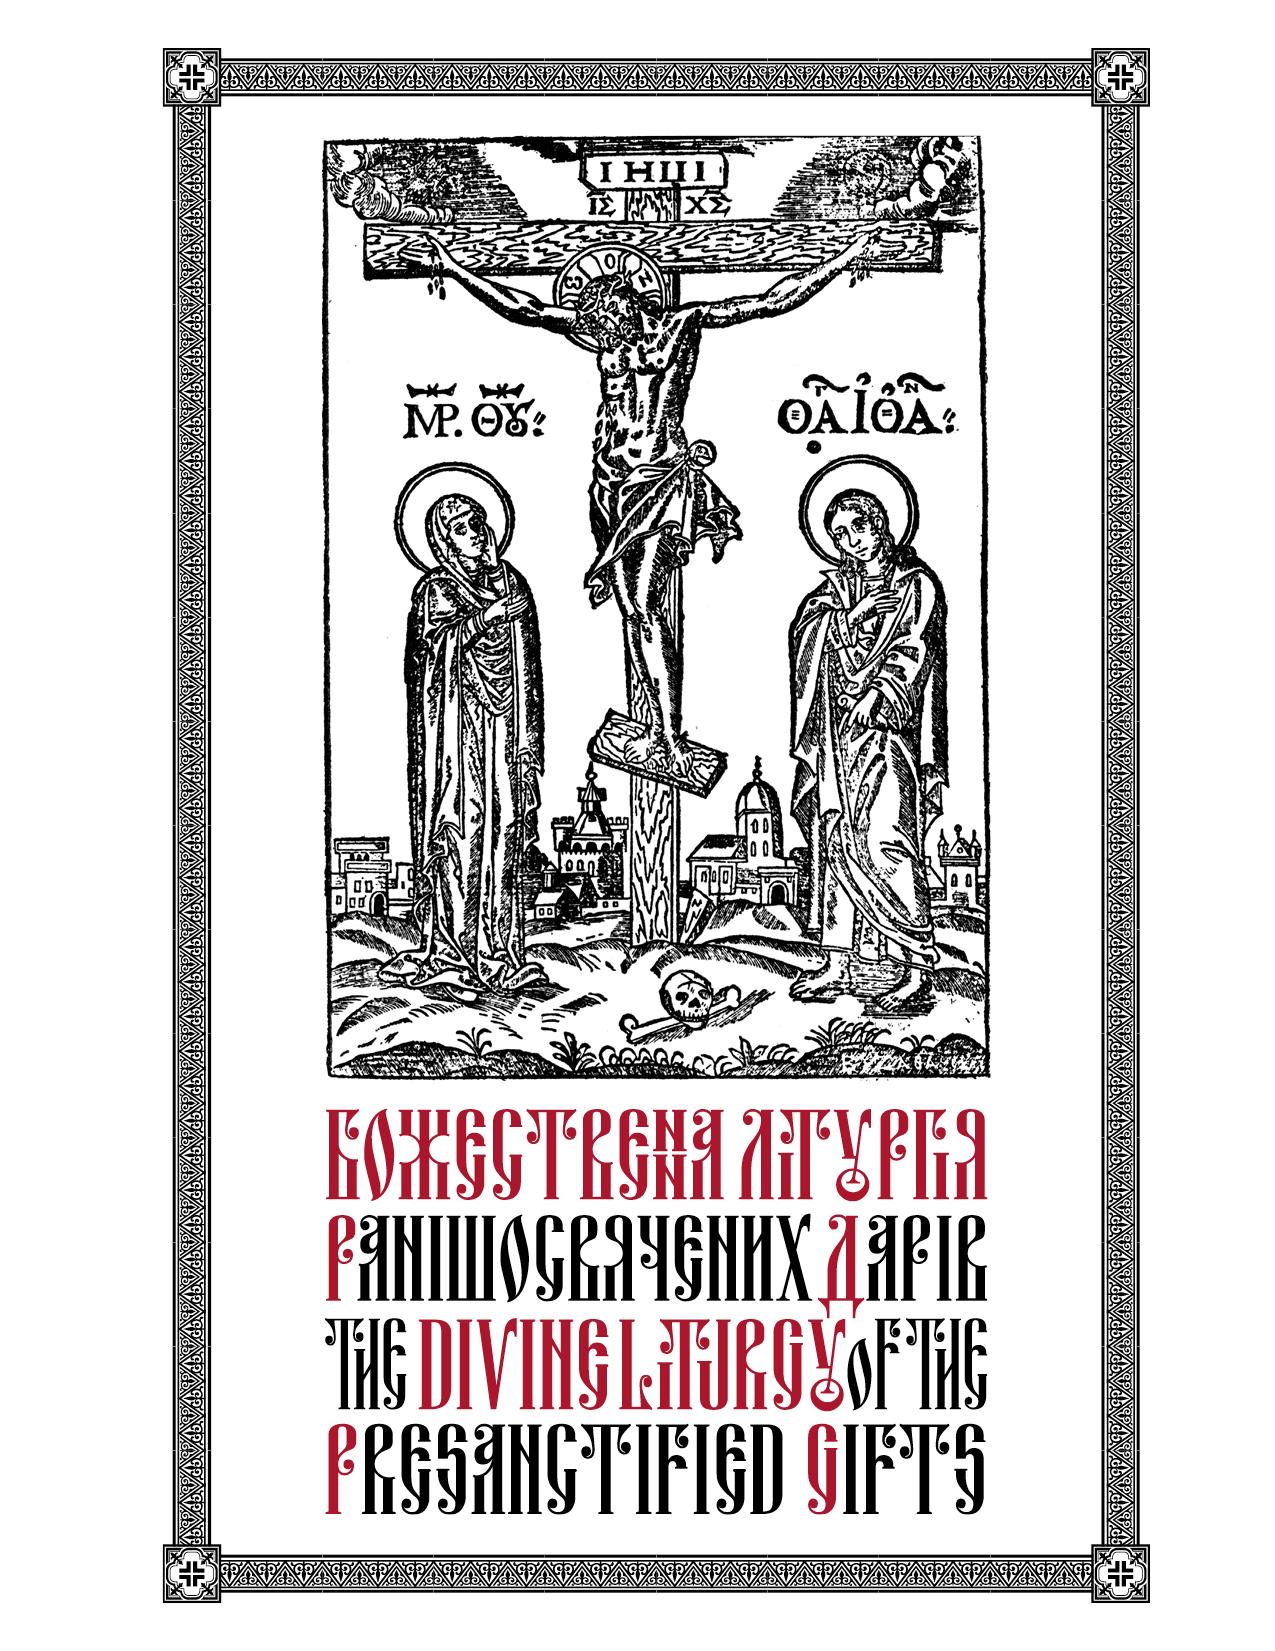 Divine Liturgy of the Presanctified Gifts - Литургија Пређеосвећених Дарова